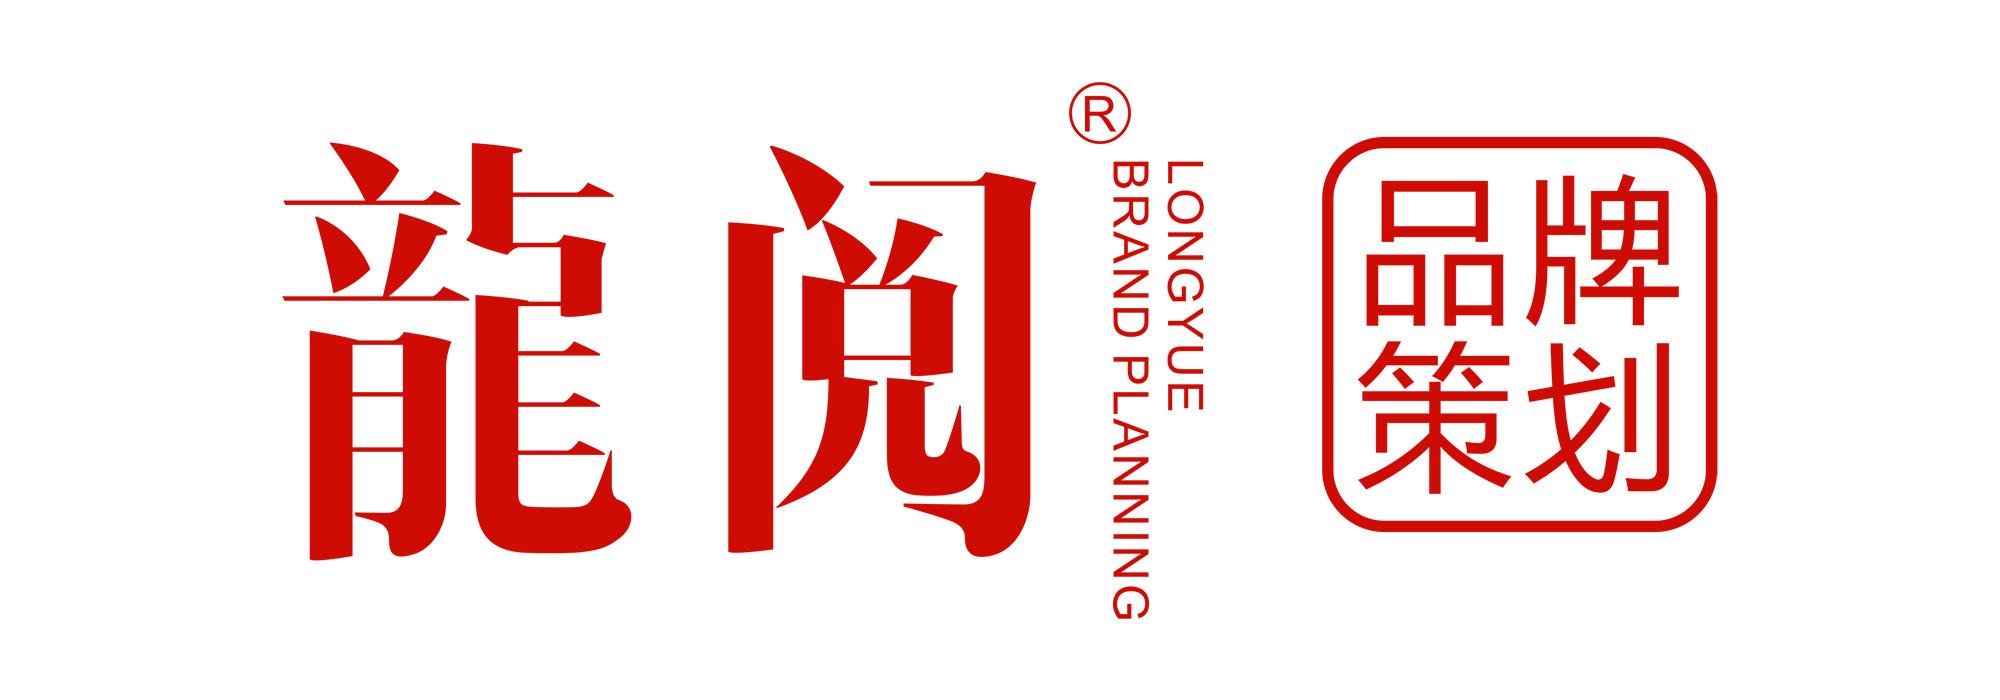 龙阅品牌设计